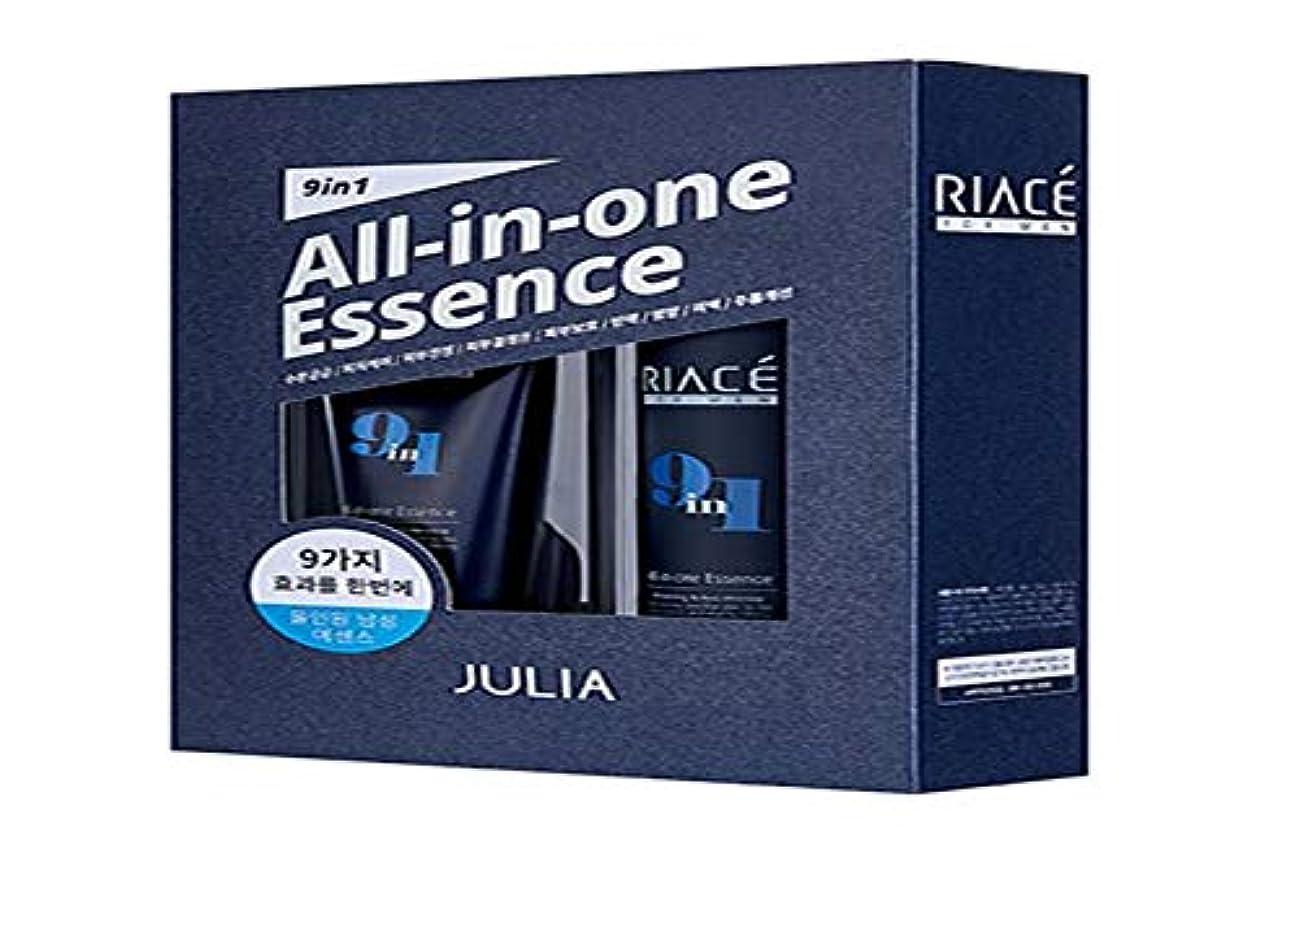 補助寄生虫ディスコKorean Cosmetics Julia RIACE For men All-in-one Essence Perfection (Toner + Emulsion + Essence) 韓国化粧品ジュリア 男性用オールインワンエッセンスパーフェクトパーフェクト...